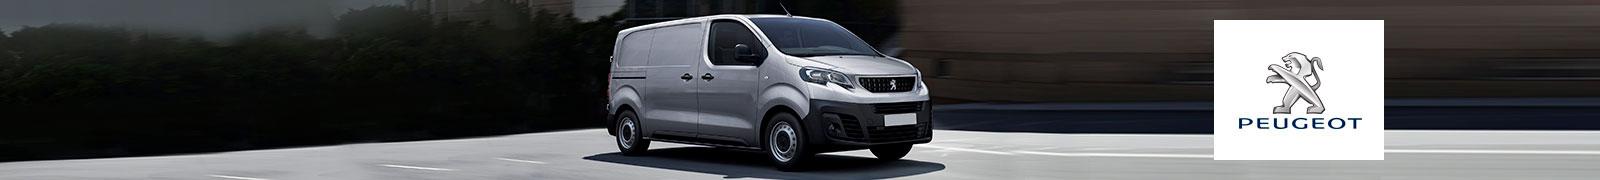 Peugeot Nuevo Expert Chile Santiago